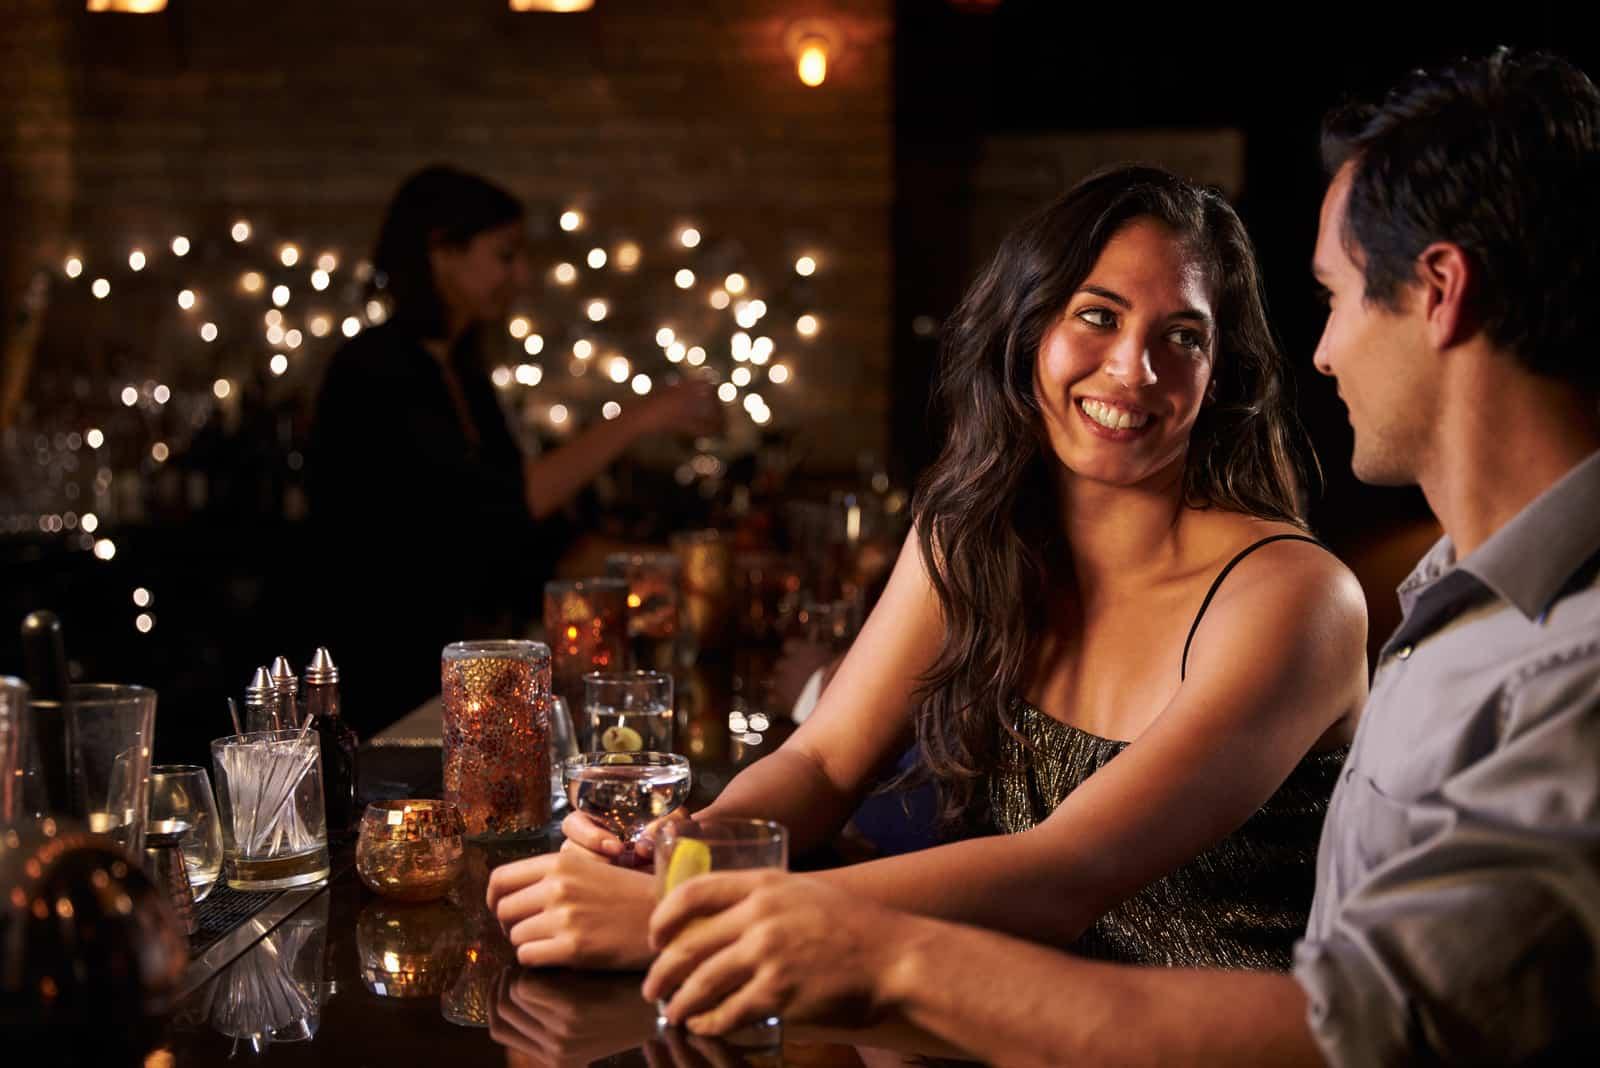 un couple d'amoureux heureux boit un verre au bar et flirte